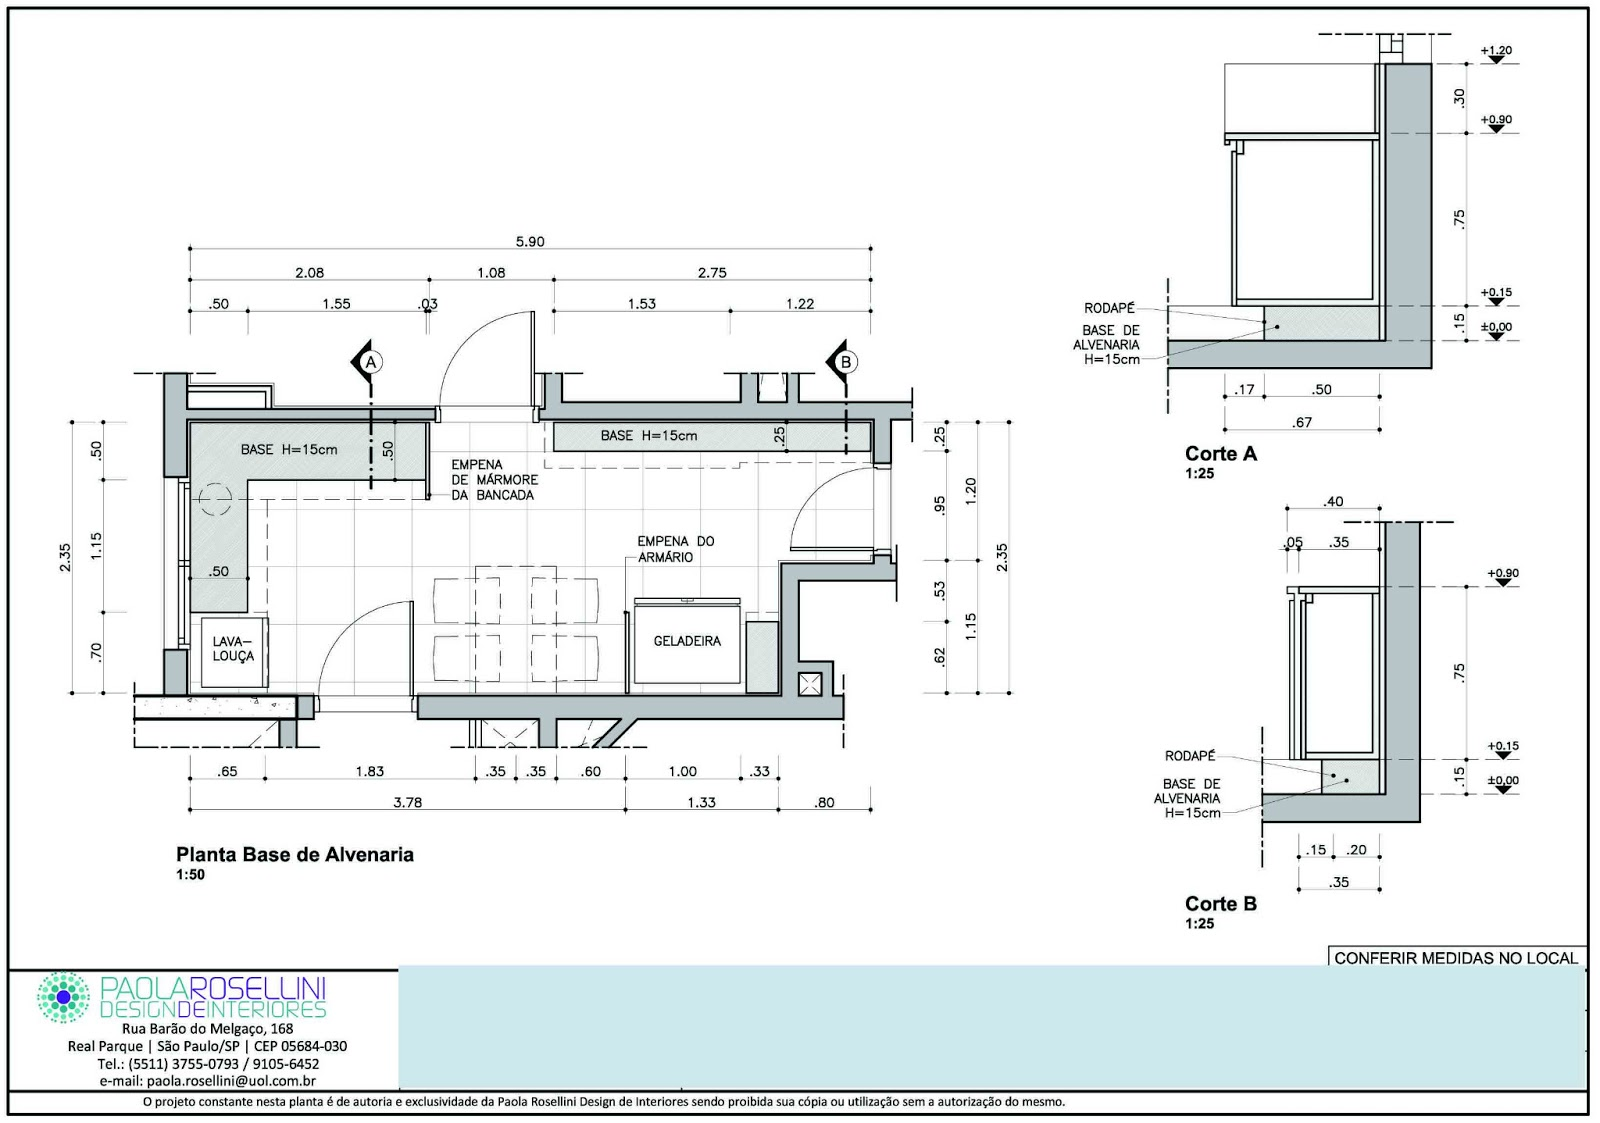 COBERTURA = dimensionamento do elemento que compõem a cobertura seja  #2000CC 1600x1123 Banheiro Acessibilidade Bloco Cad